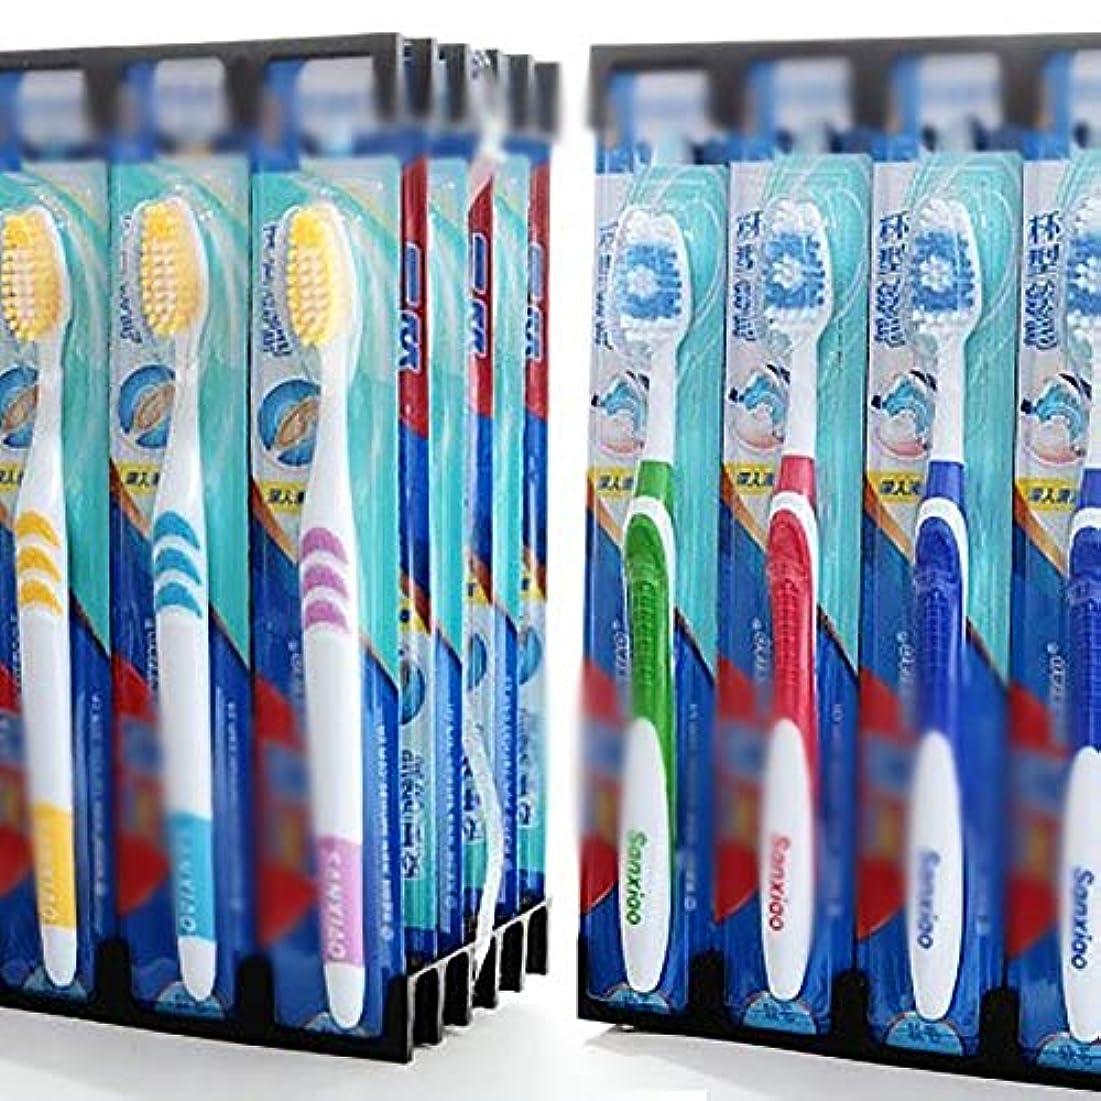 ショルダー乱暴な目指す歯ブラシ 30パック歯ブラシ、家族バルク成人歯ブラシ、2つのスタイル混合包装歯ブラシ - 任意8つの組み合わせ HL (色 : G, サイズ : 30 packs)